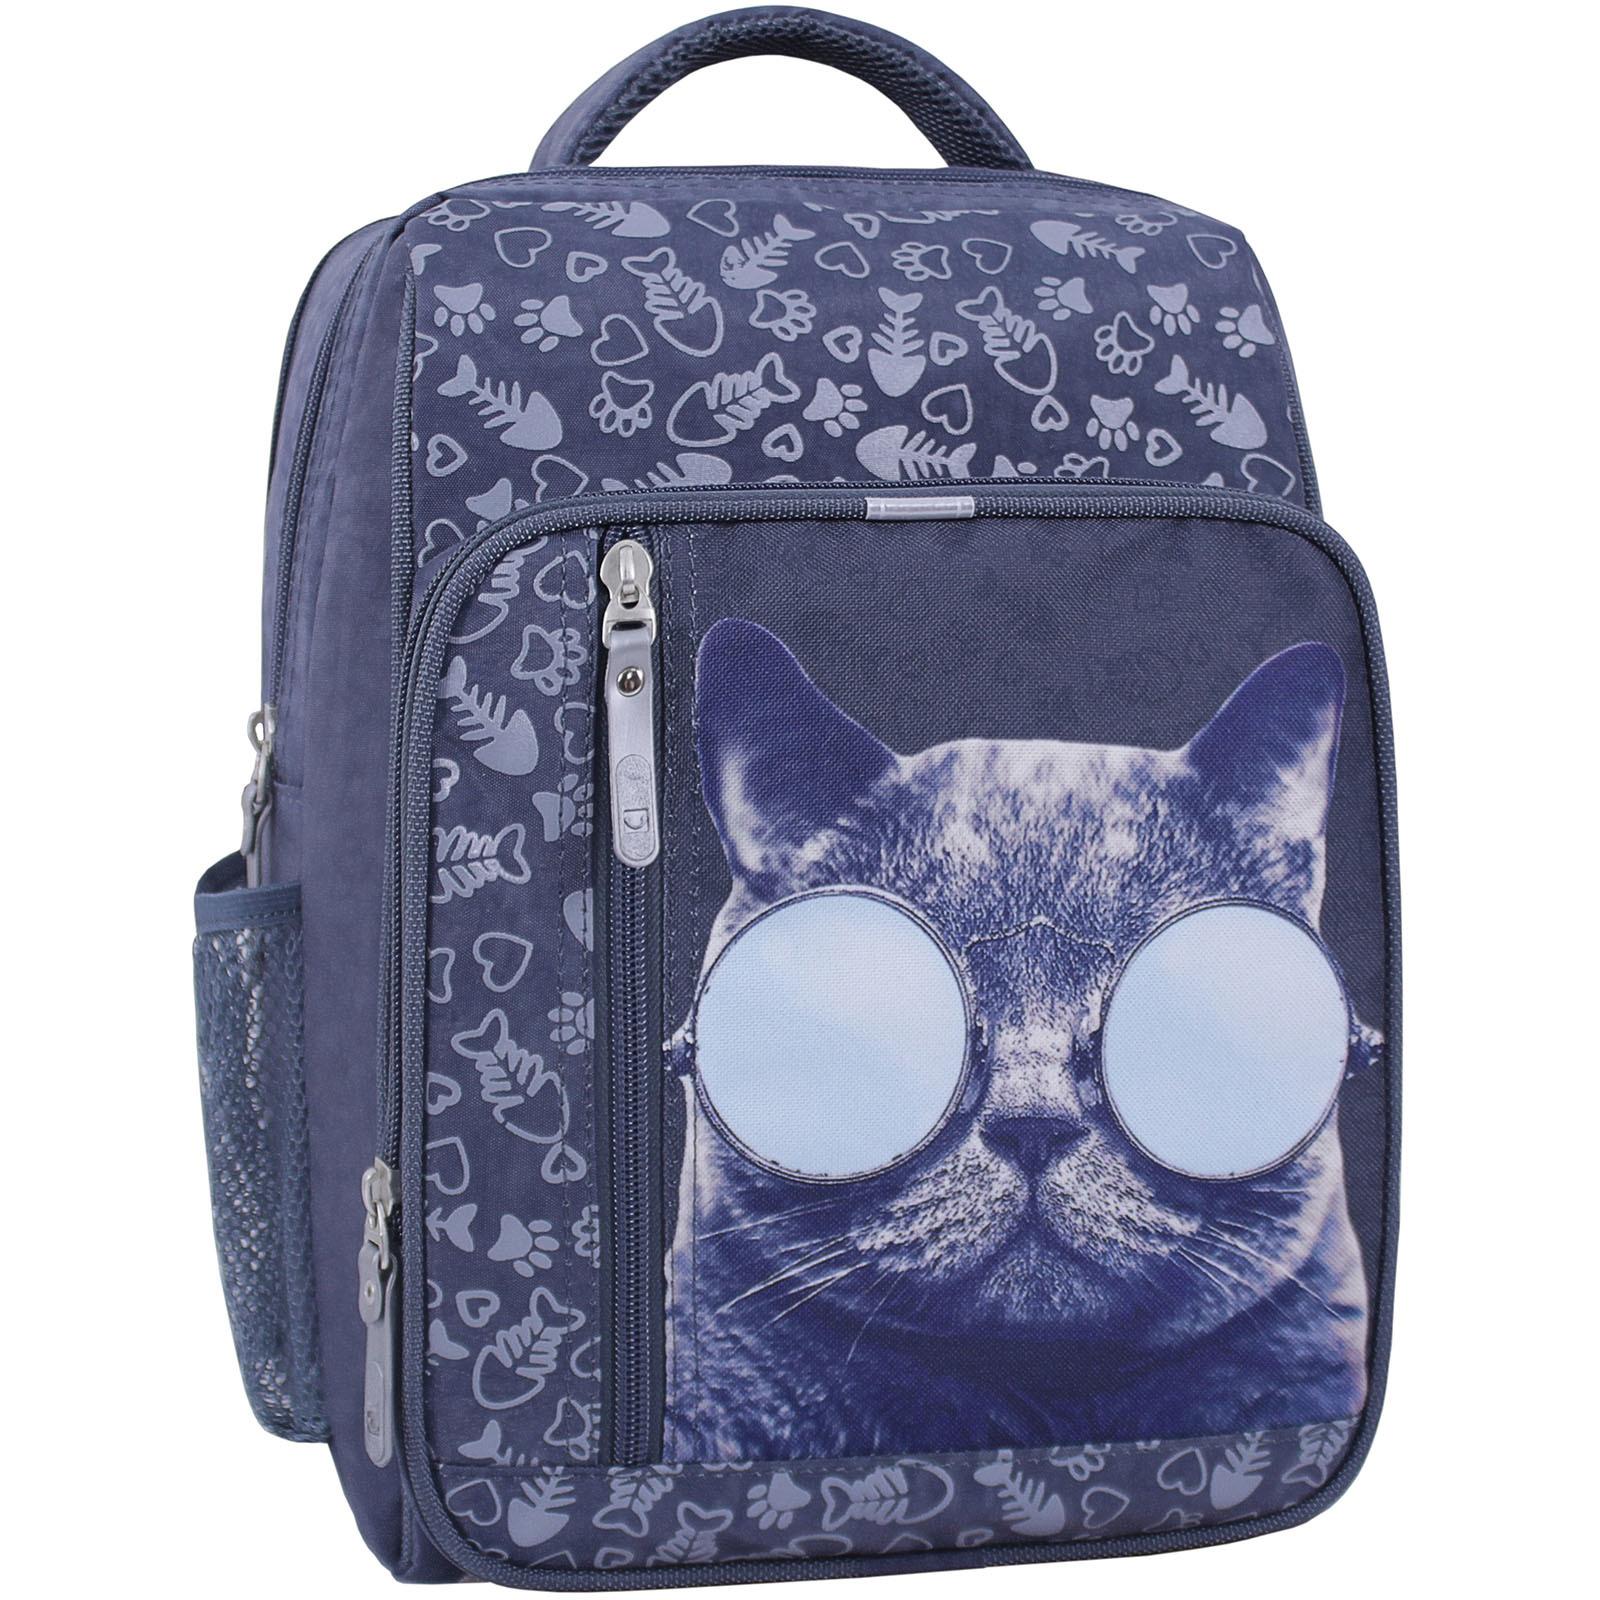 Рюкзак школьный Bagland Школьник 8 л. 321 серый 611 (0012870) фото 1